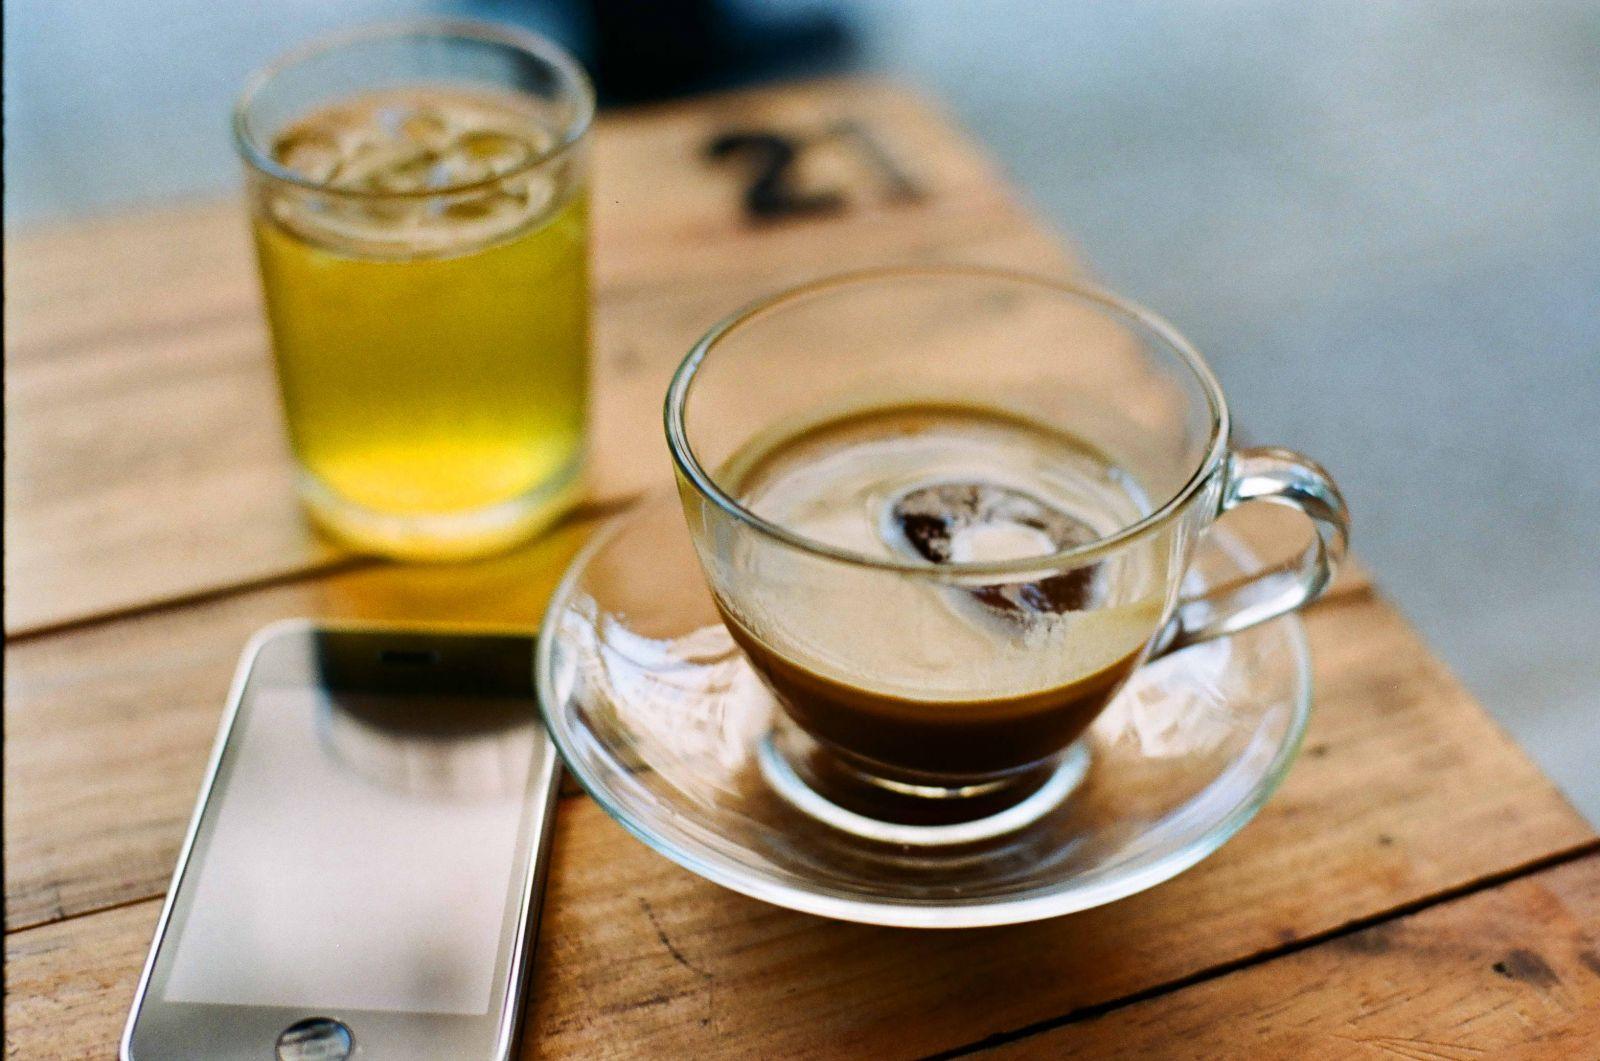 Li cà phê tại quán cà phê rang xay tại chỗ